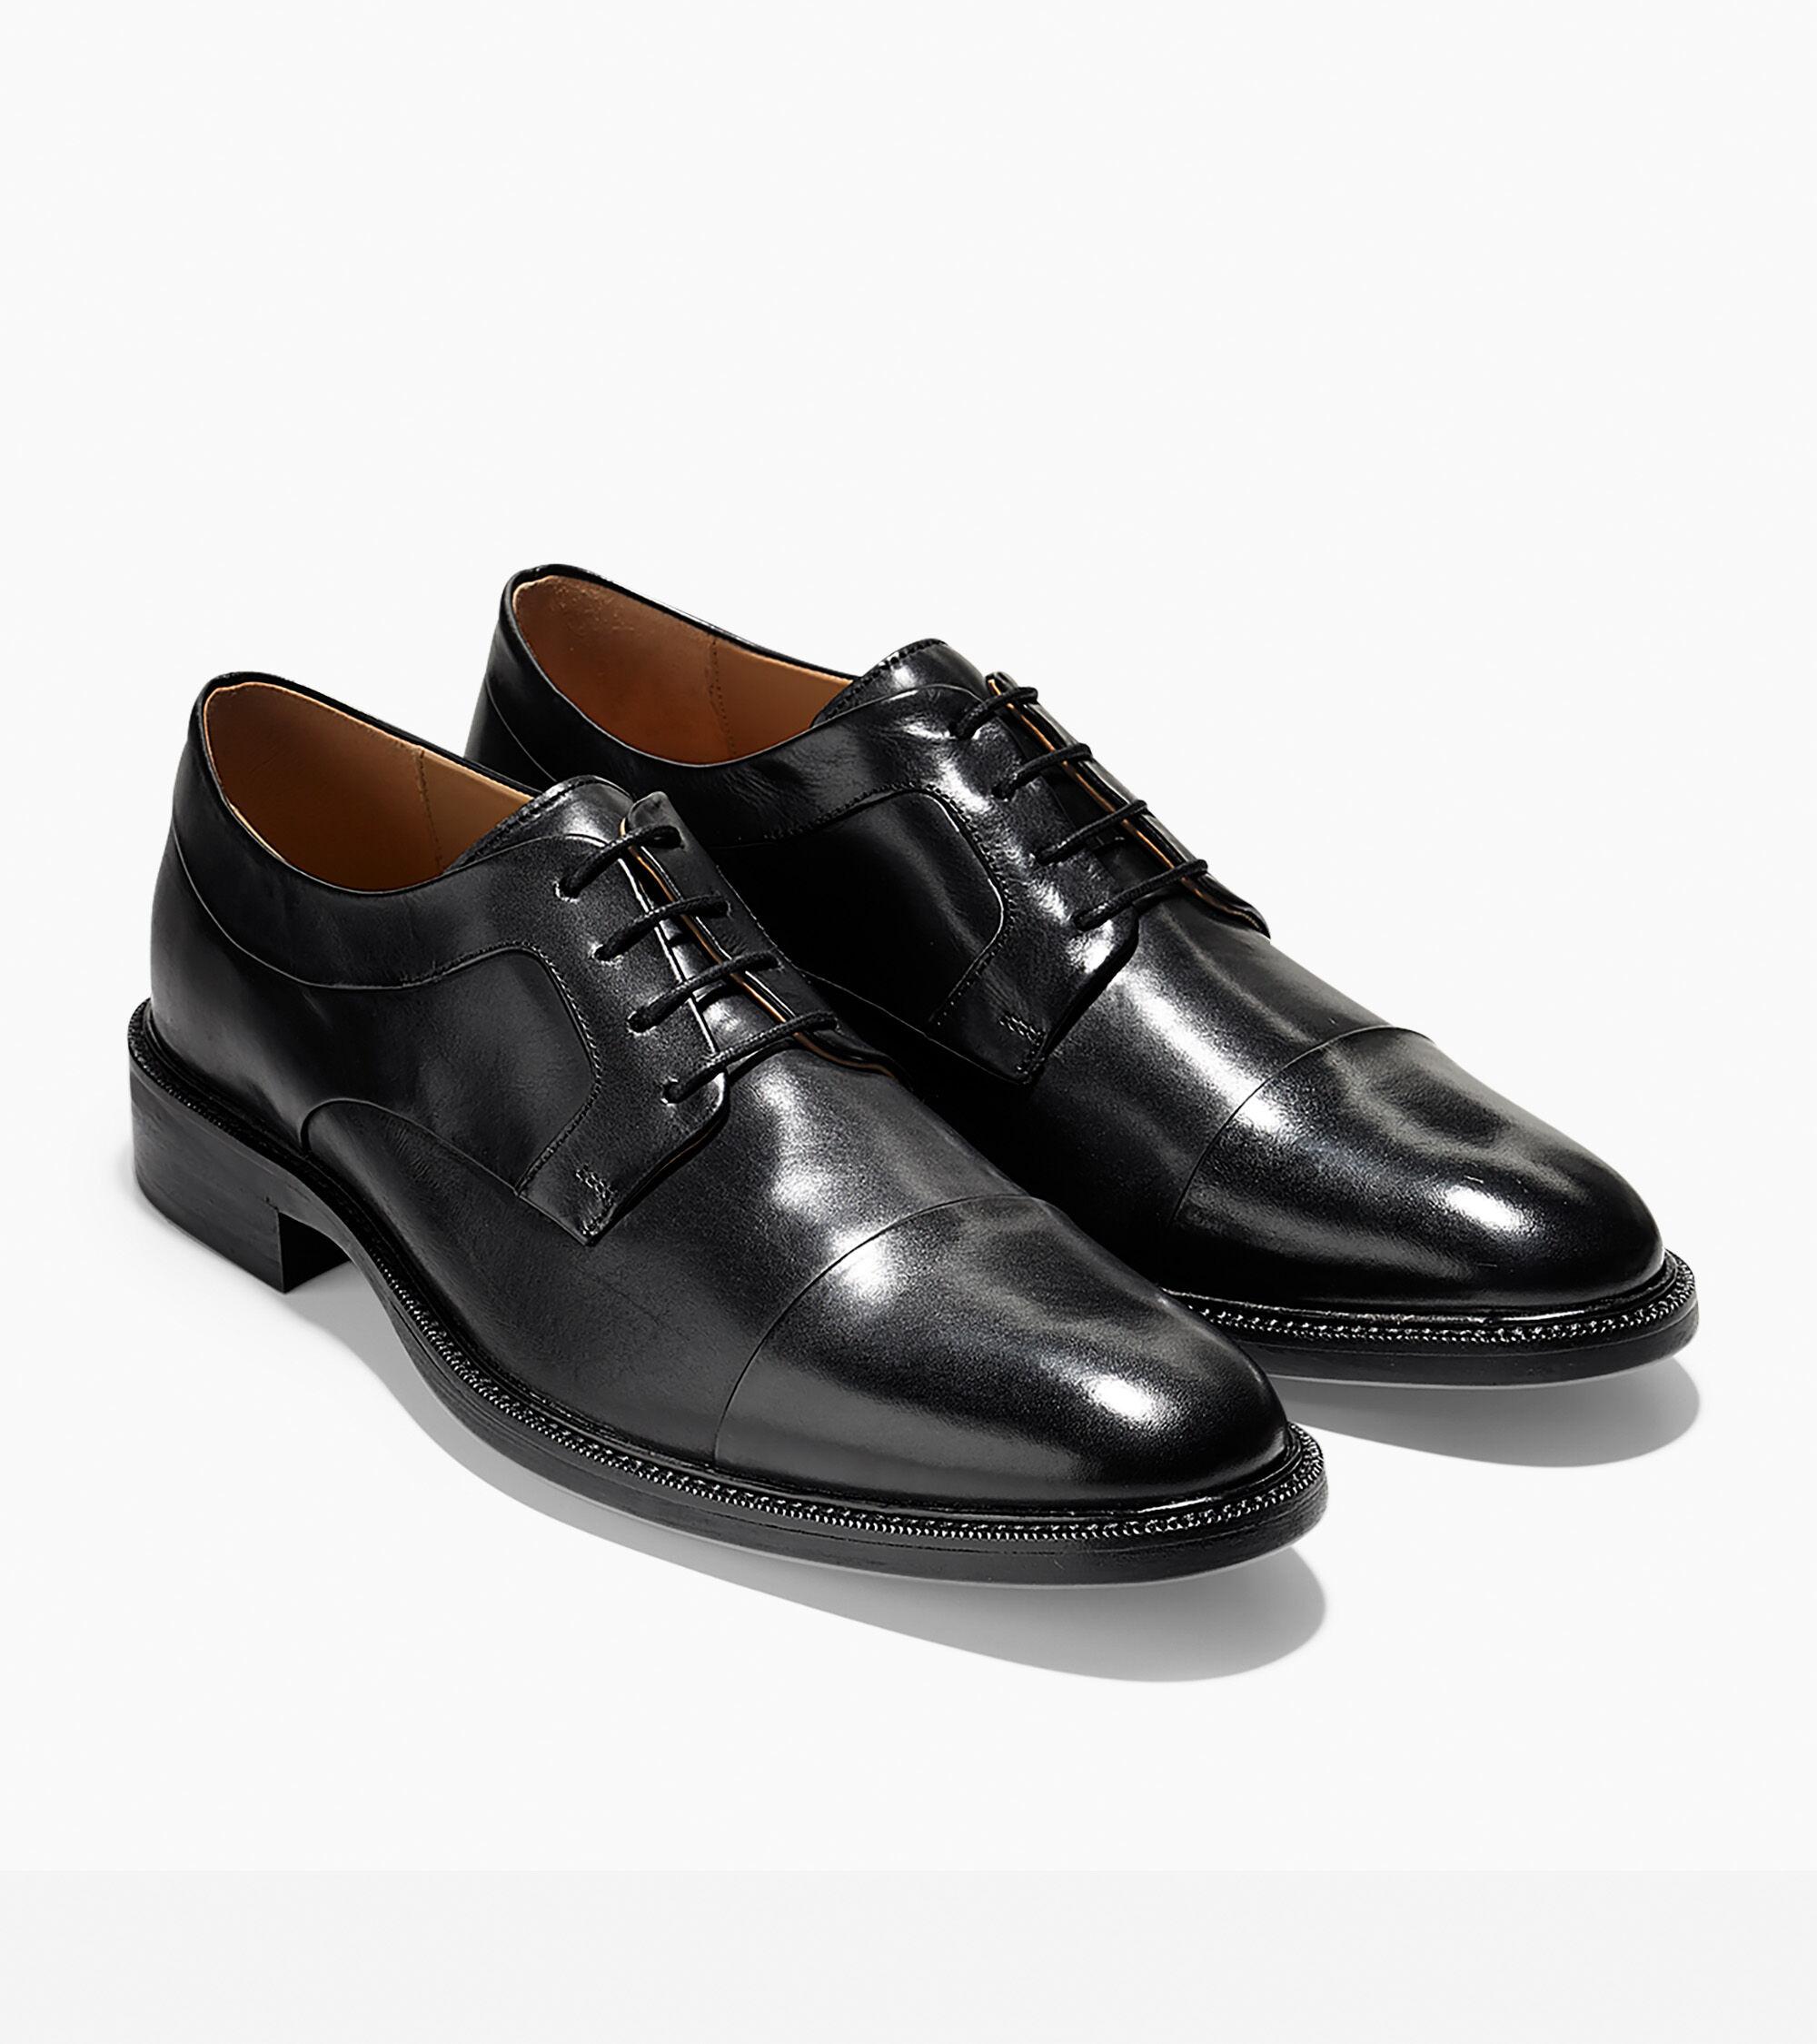 Warren Cap Toe Oxford in Black | Cole Haan